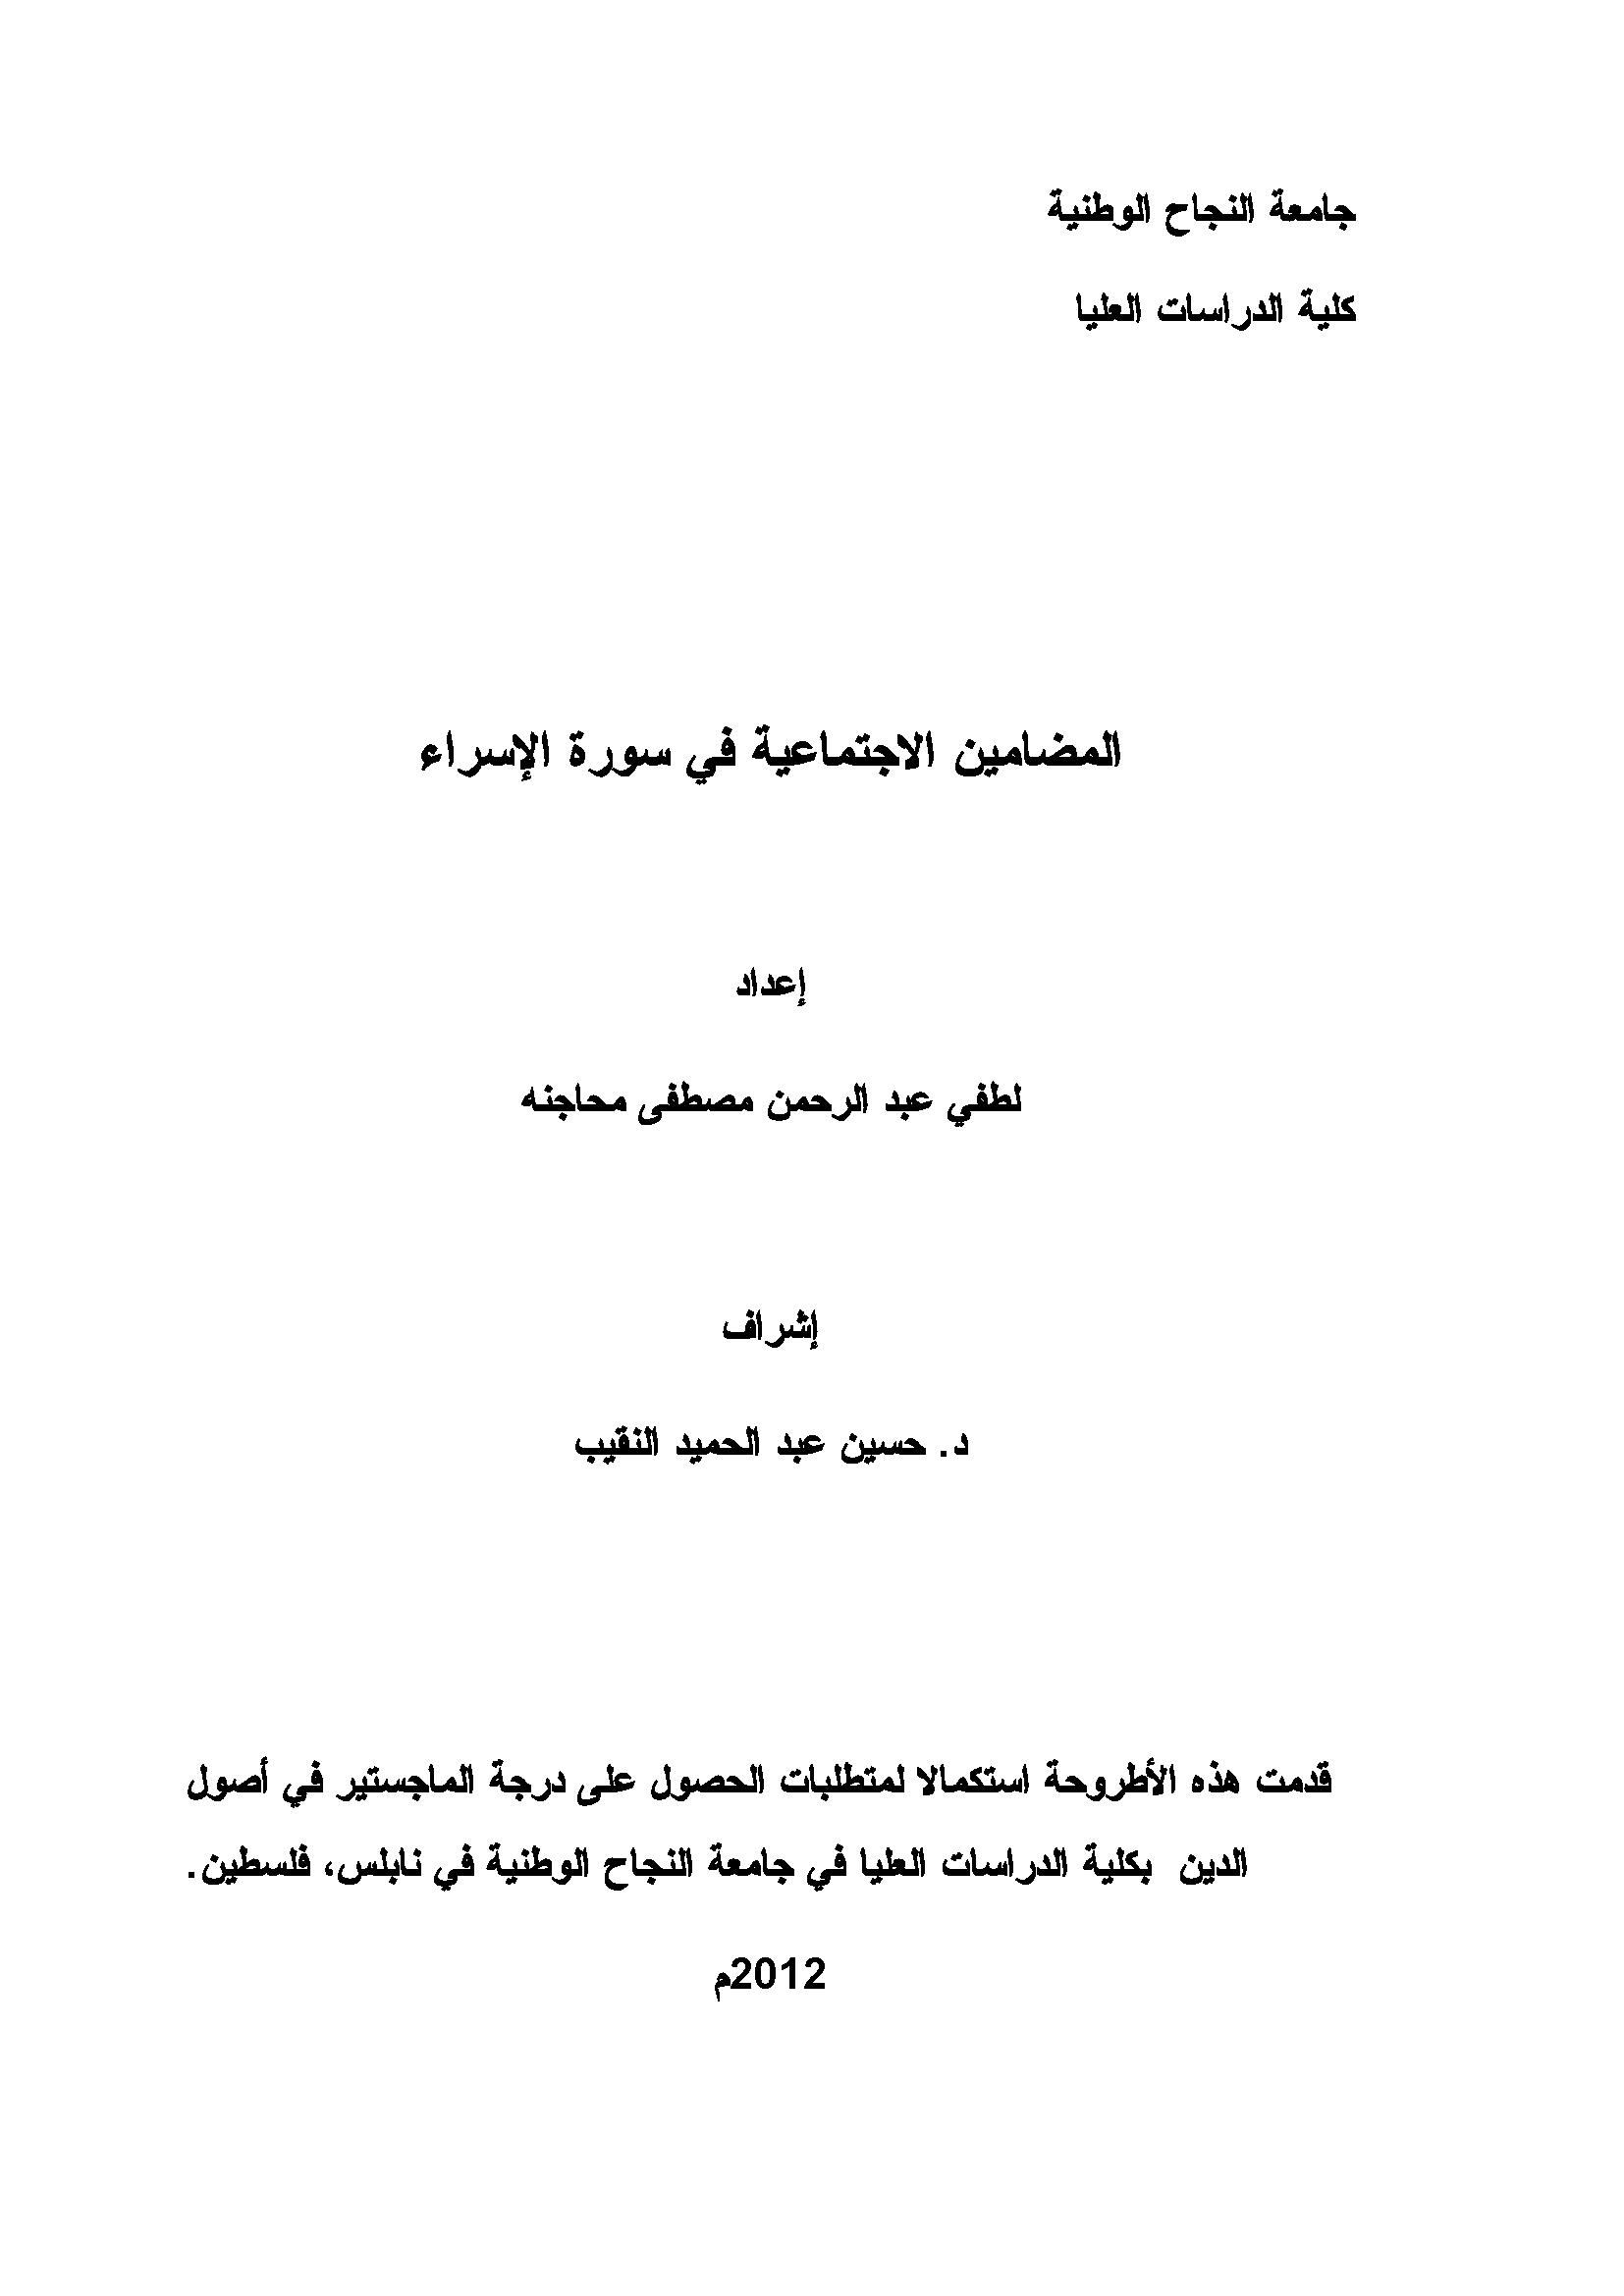 تحميل كتاب المضامين الاجتماعية في سورة الإسراء للمؤلف: لطفي عبد الرحمن مصطفى محاجنة